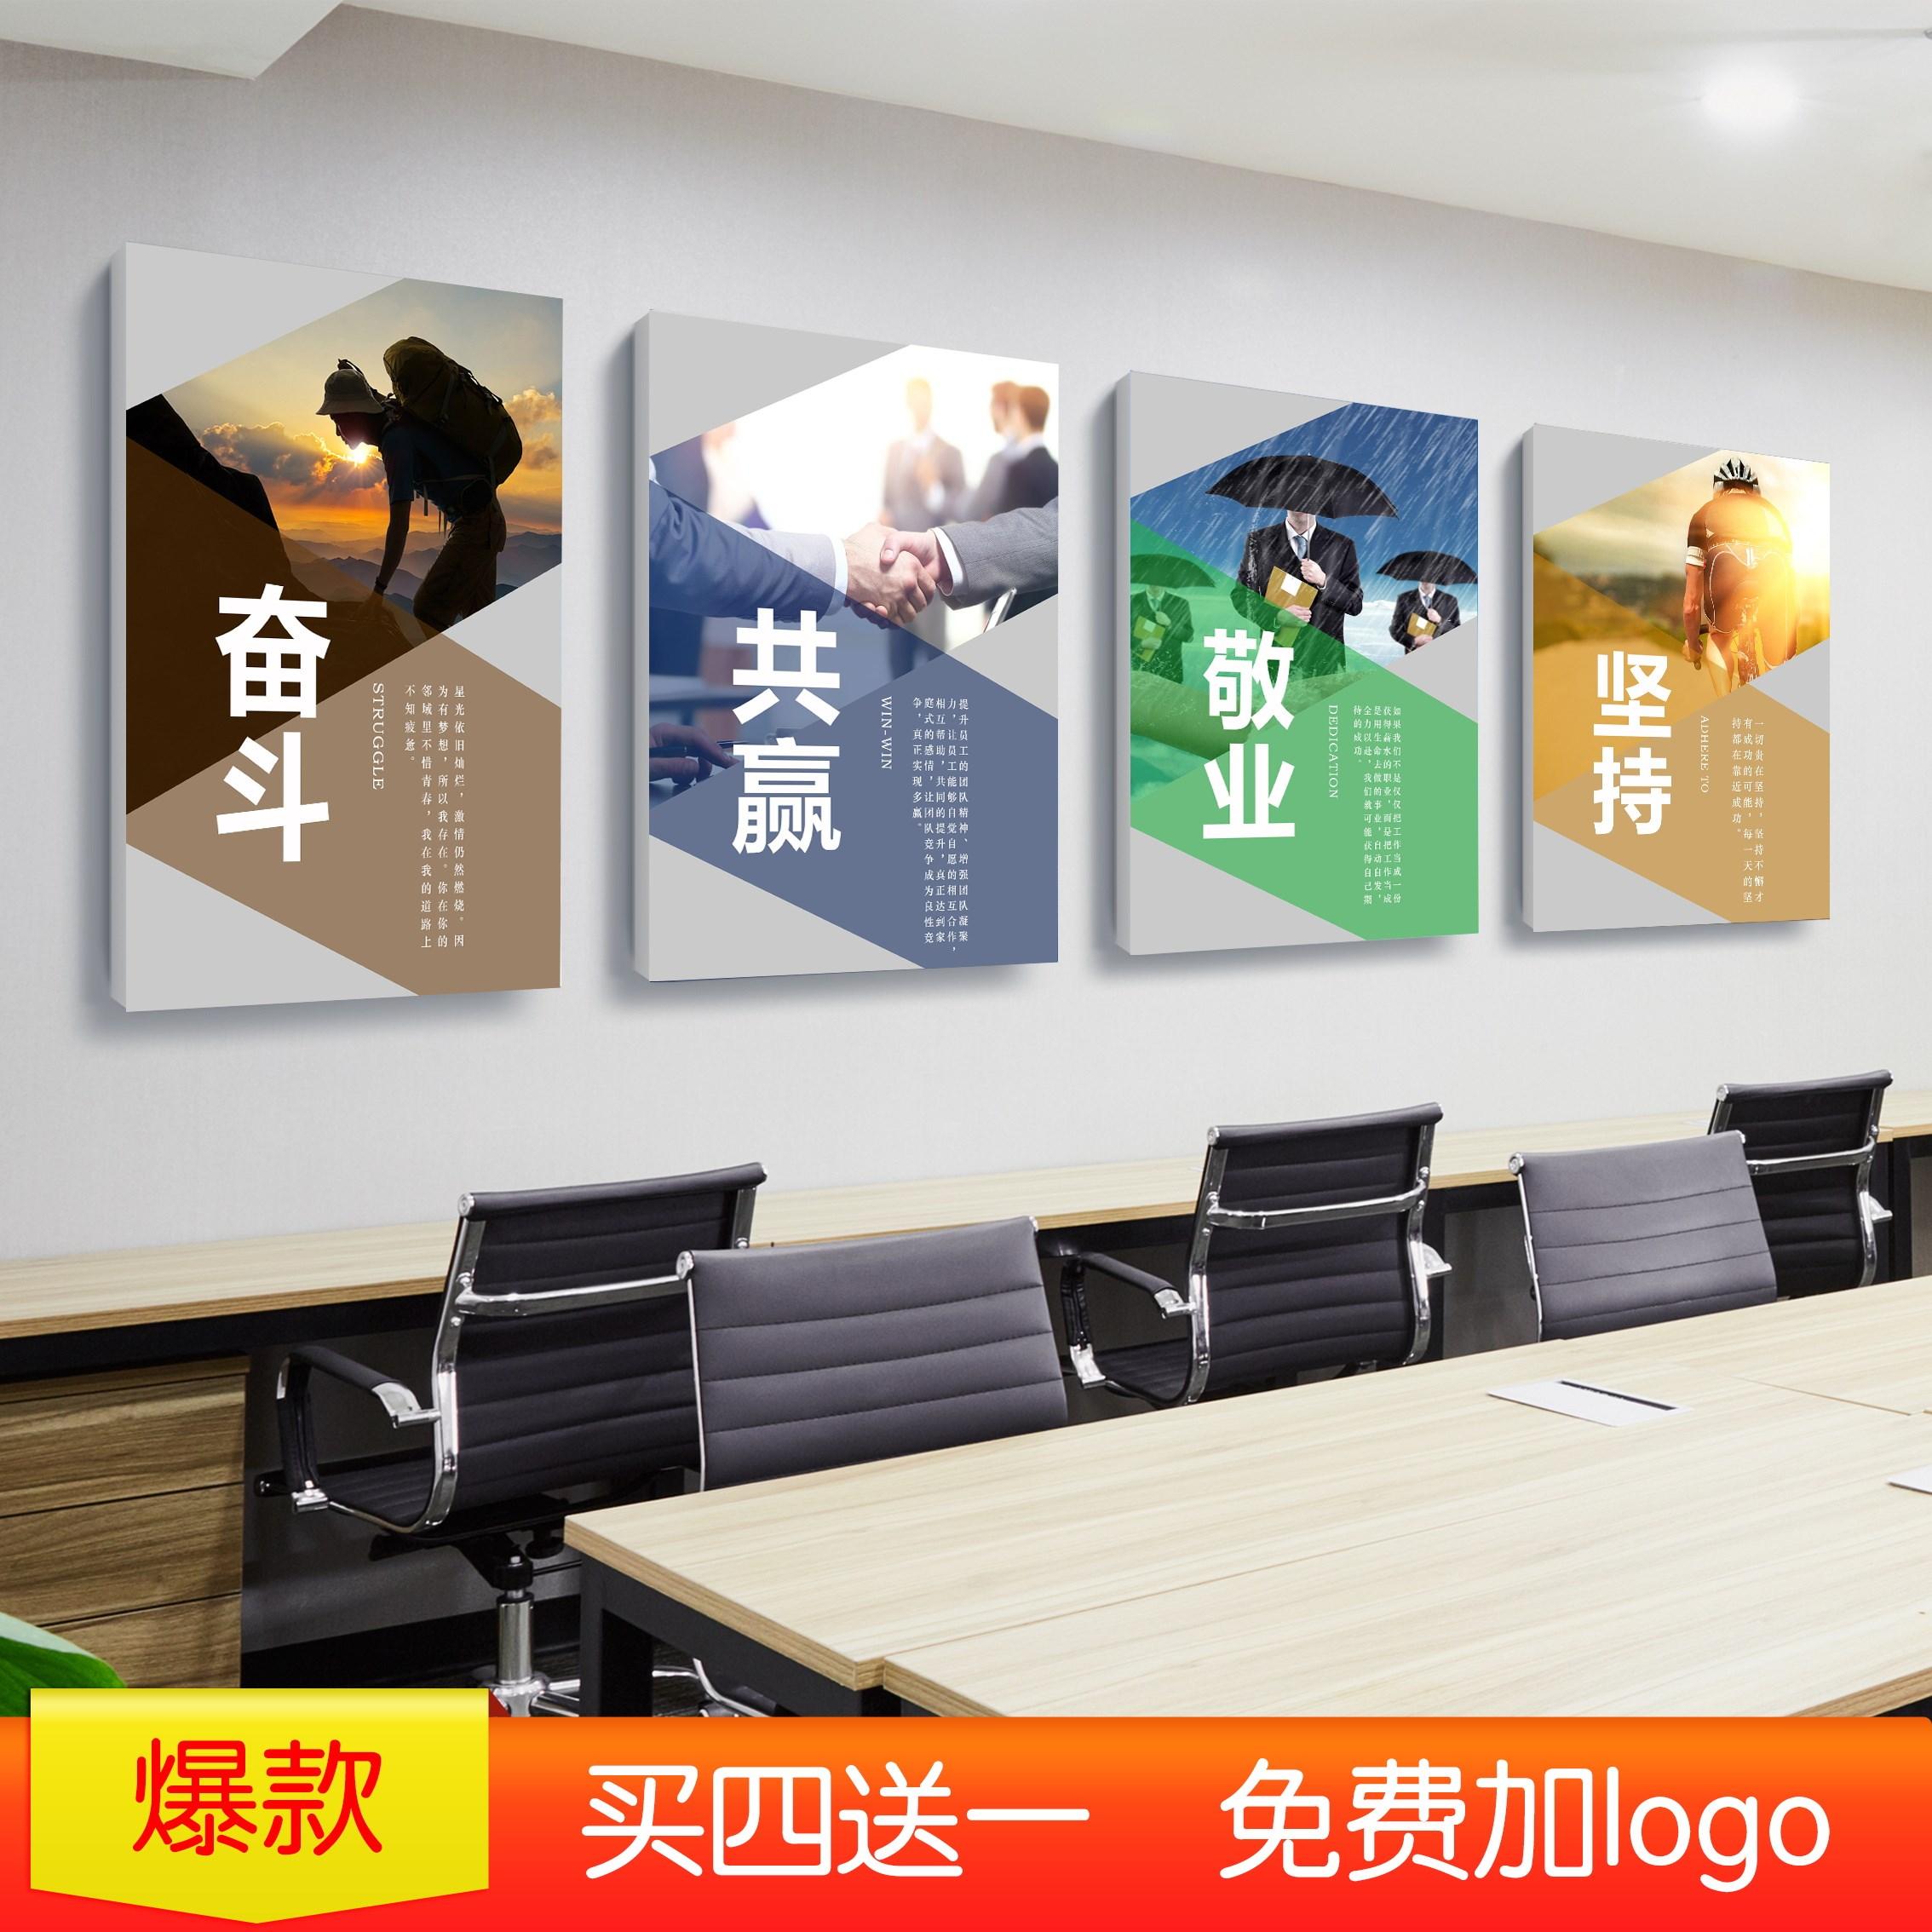 公司装饰画会议室励志背景墙车间走廊励志标语企业文化励志无框画